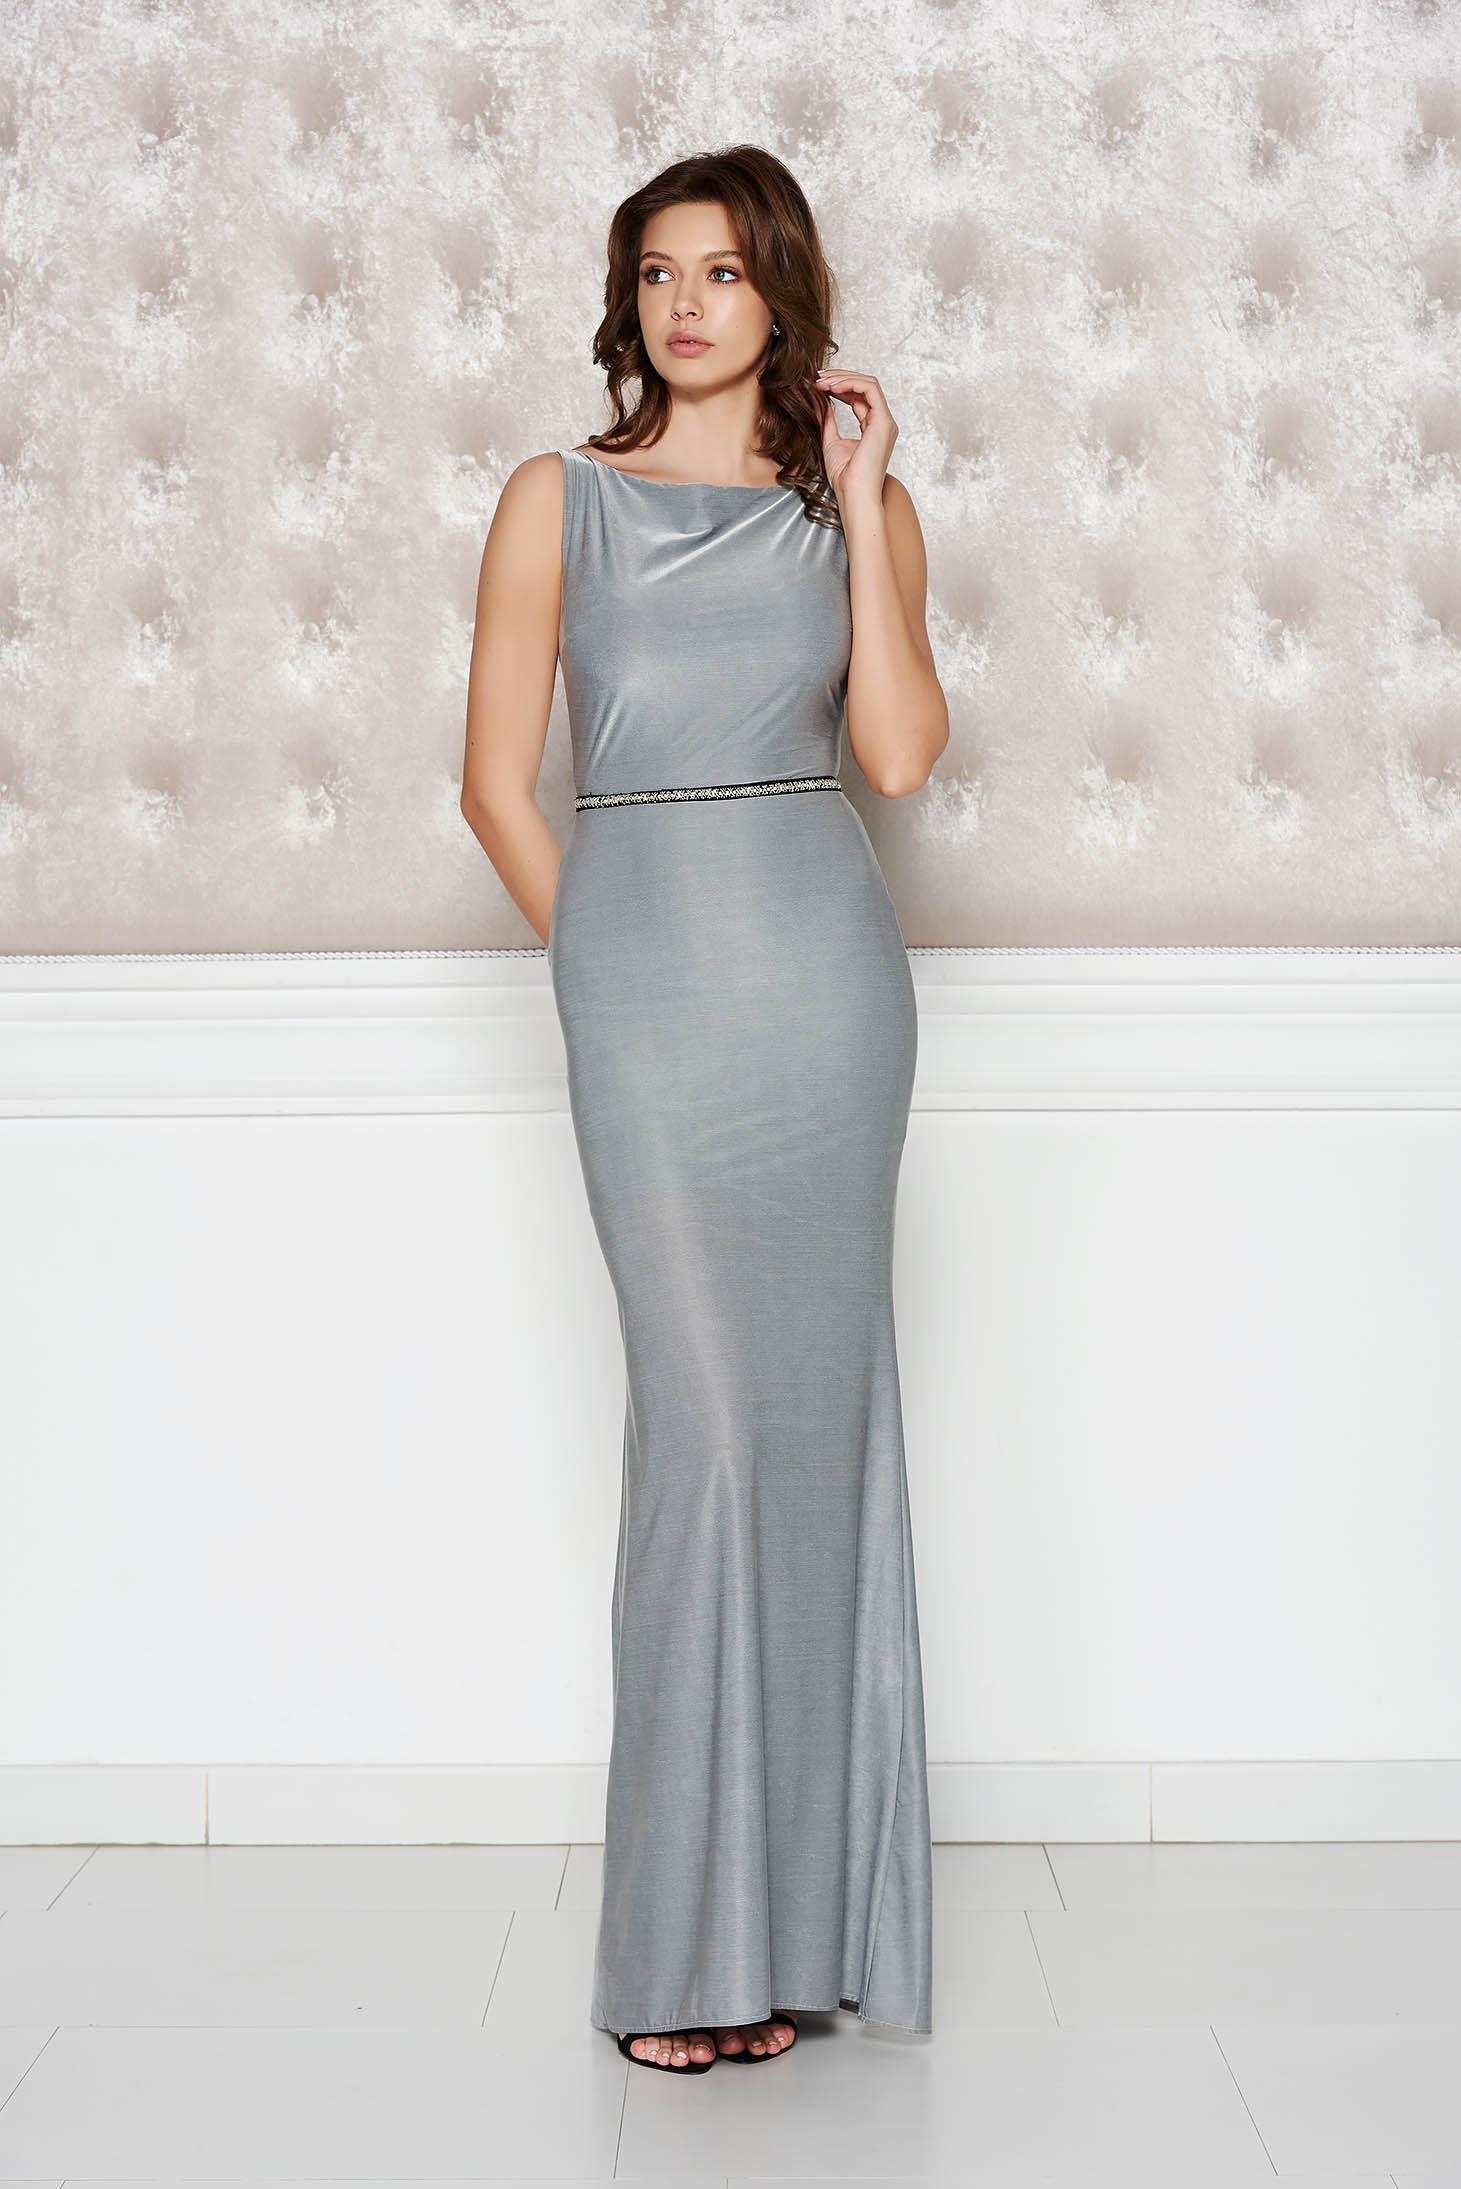 Ezüst StarShinerS alkalmi ruha fényes rugalmas anyag szirén tipusú dd0d028d1a